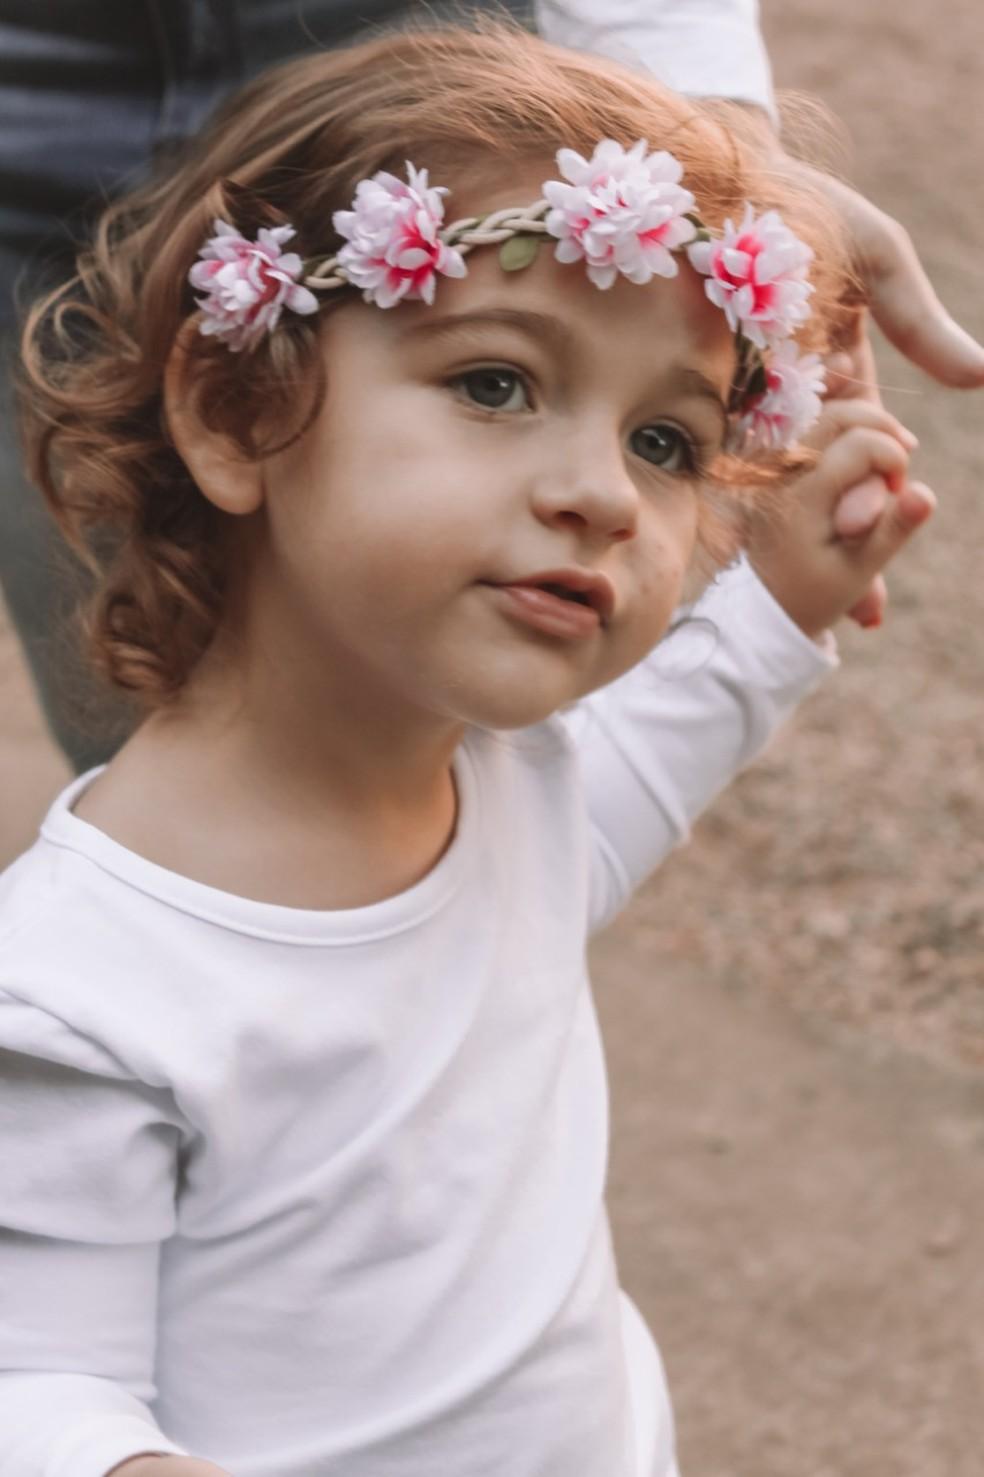 Melissa tem dois anos — Foto: Arquivo Pessoal/Divulgação